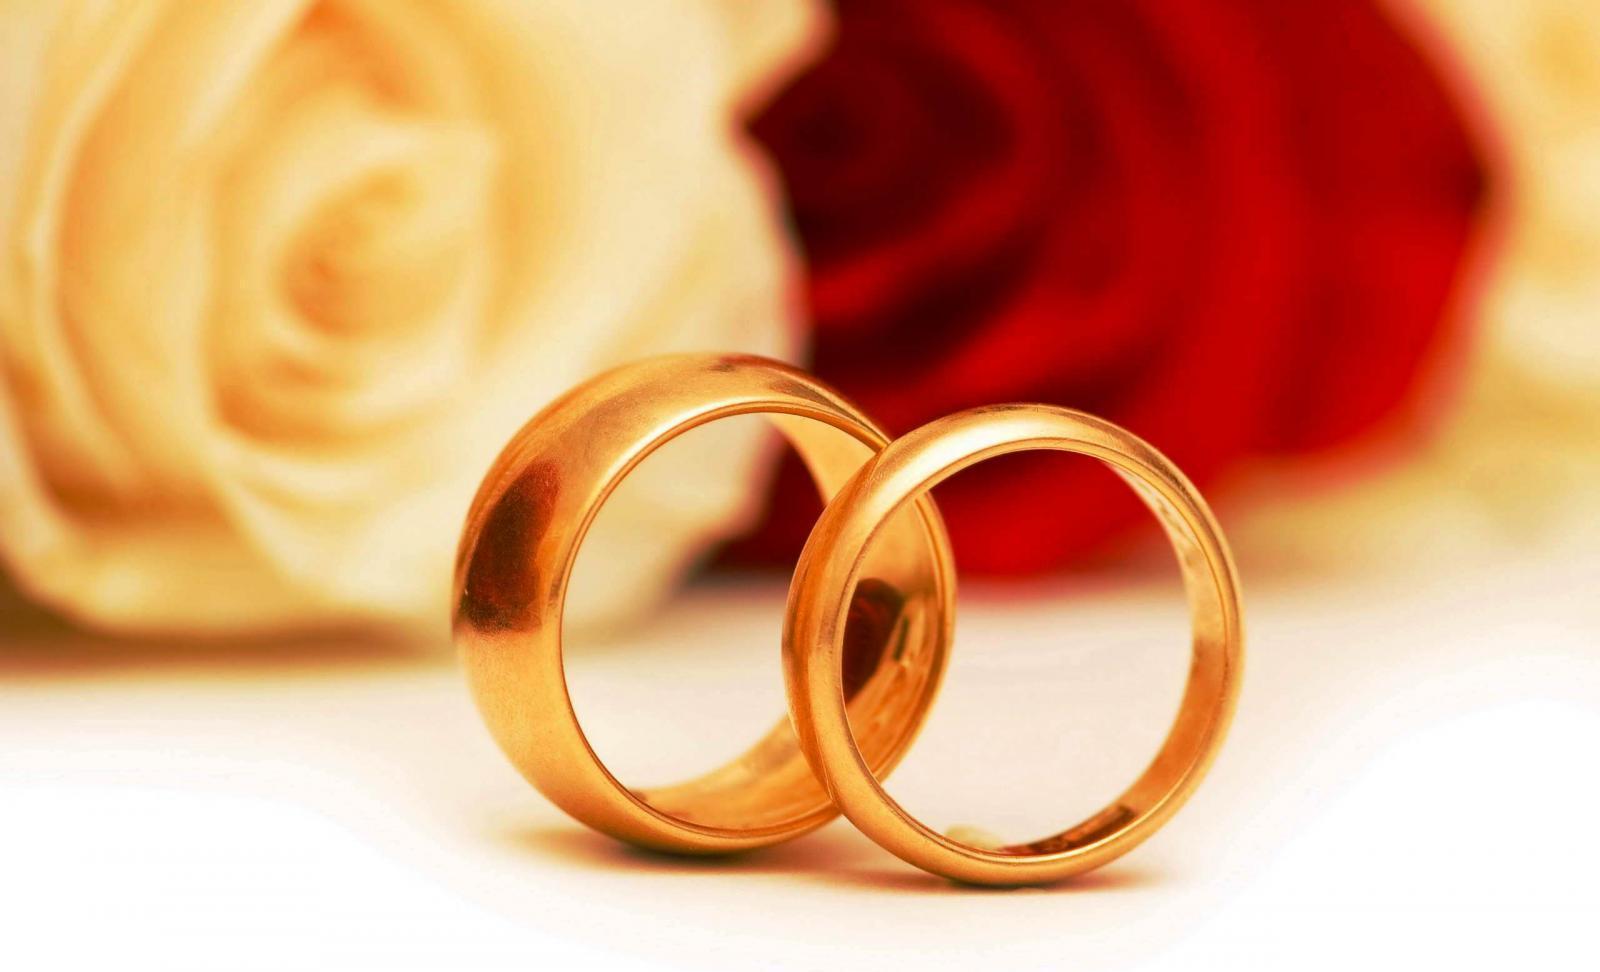 Золотая свадьба поздравления смс